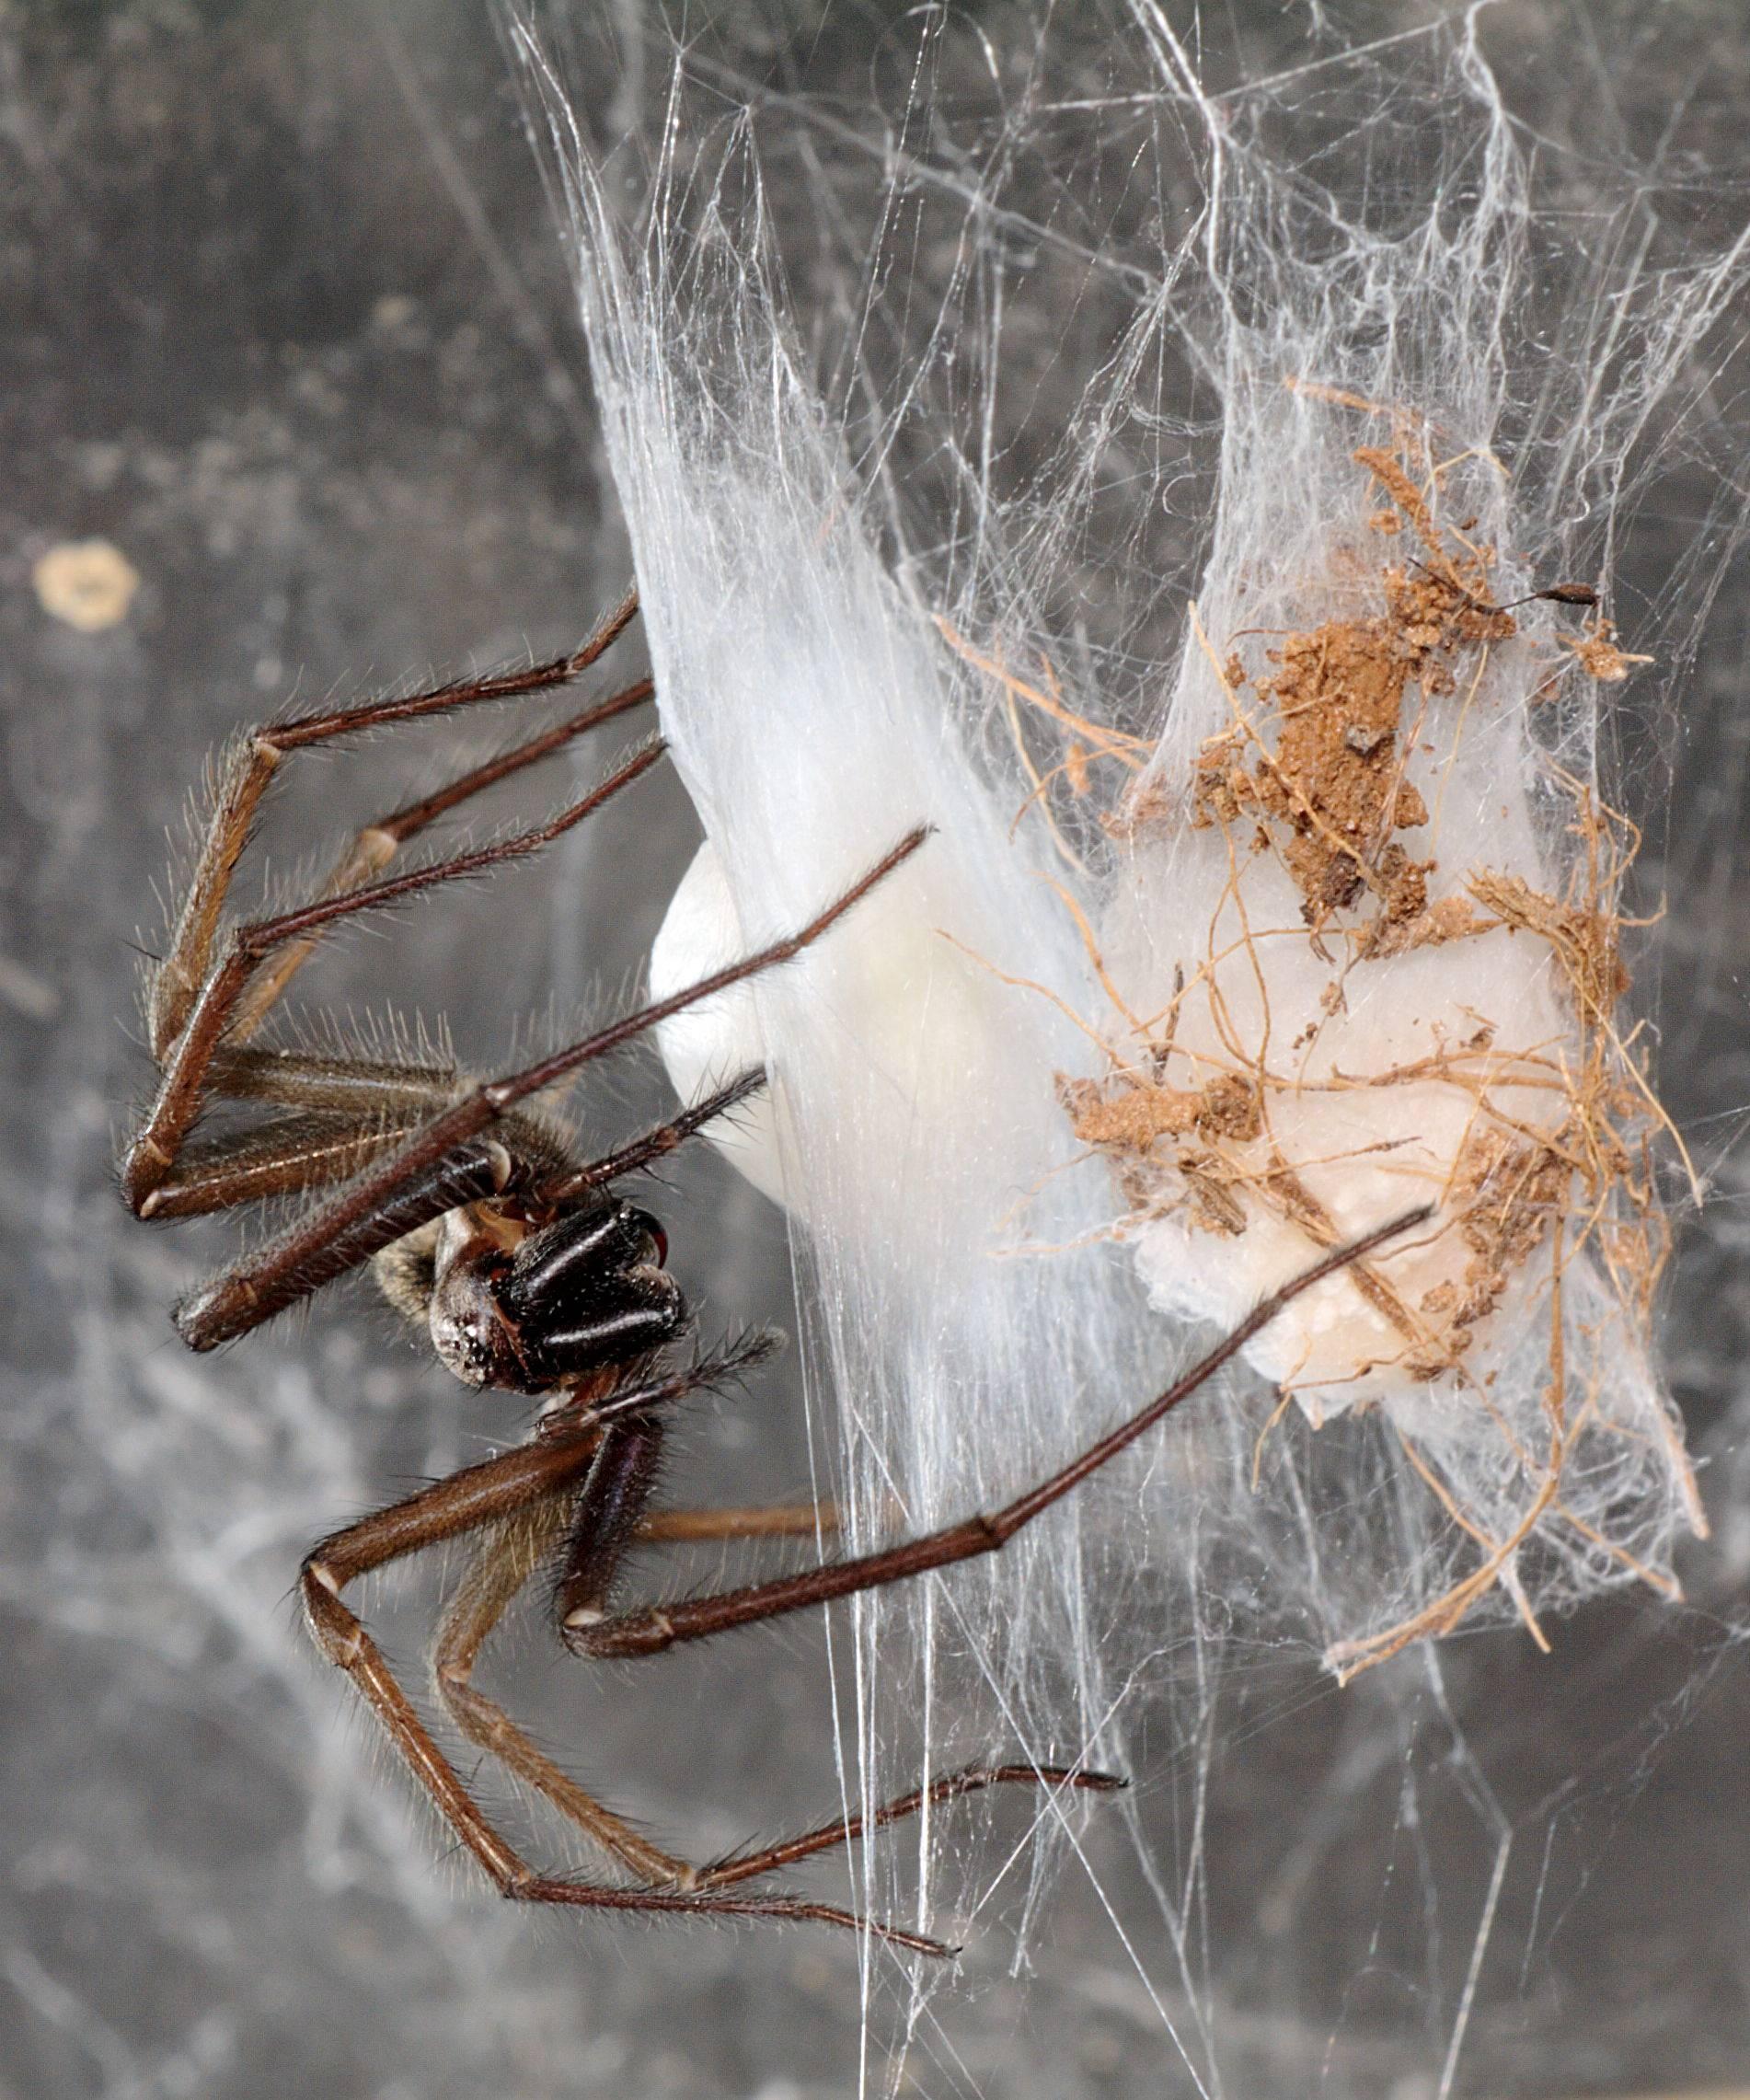 Пауки в доме: что едят, сколько живут, как размножаются